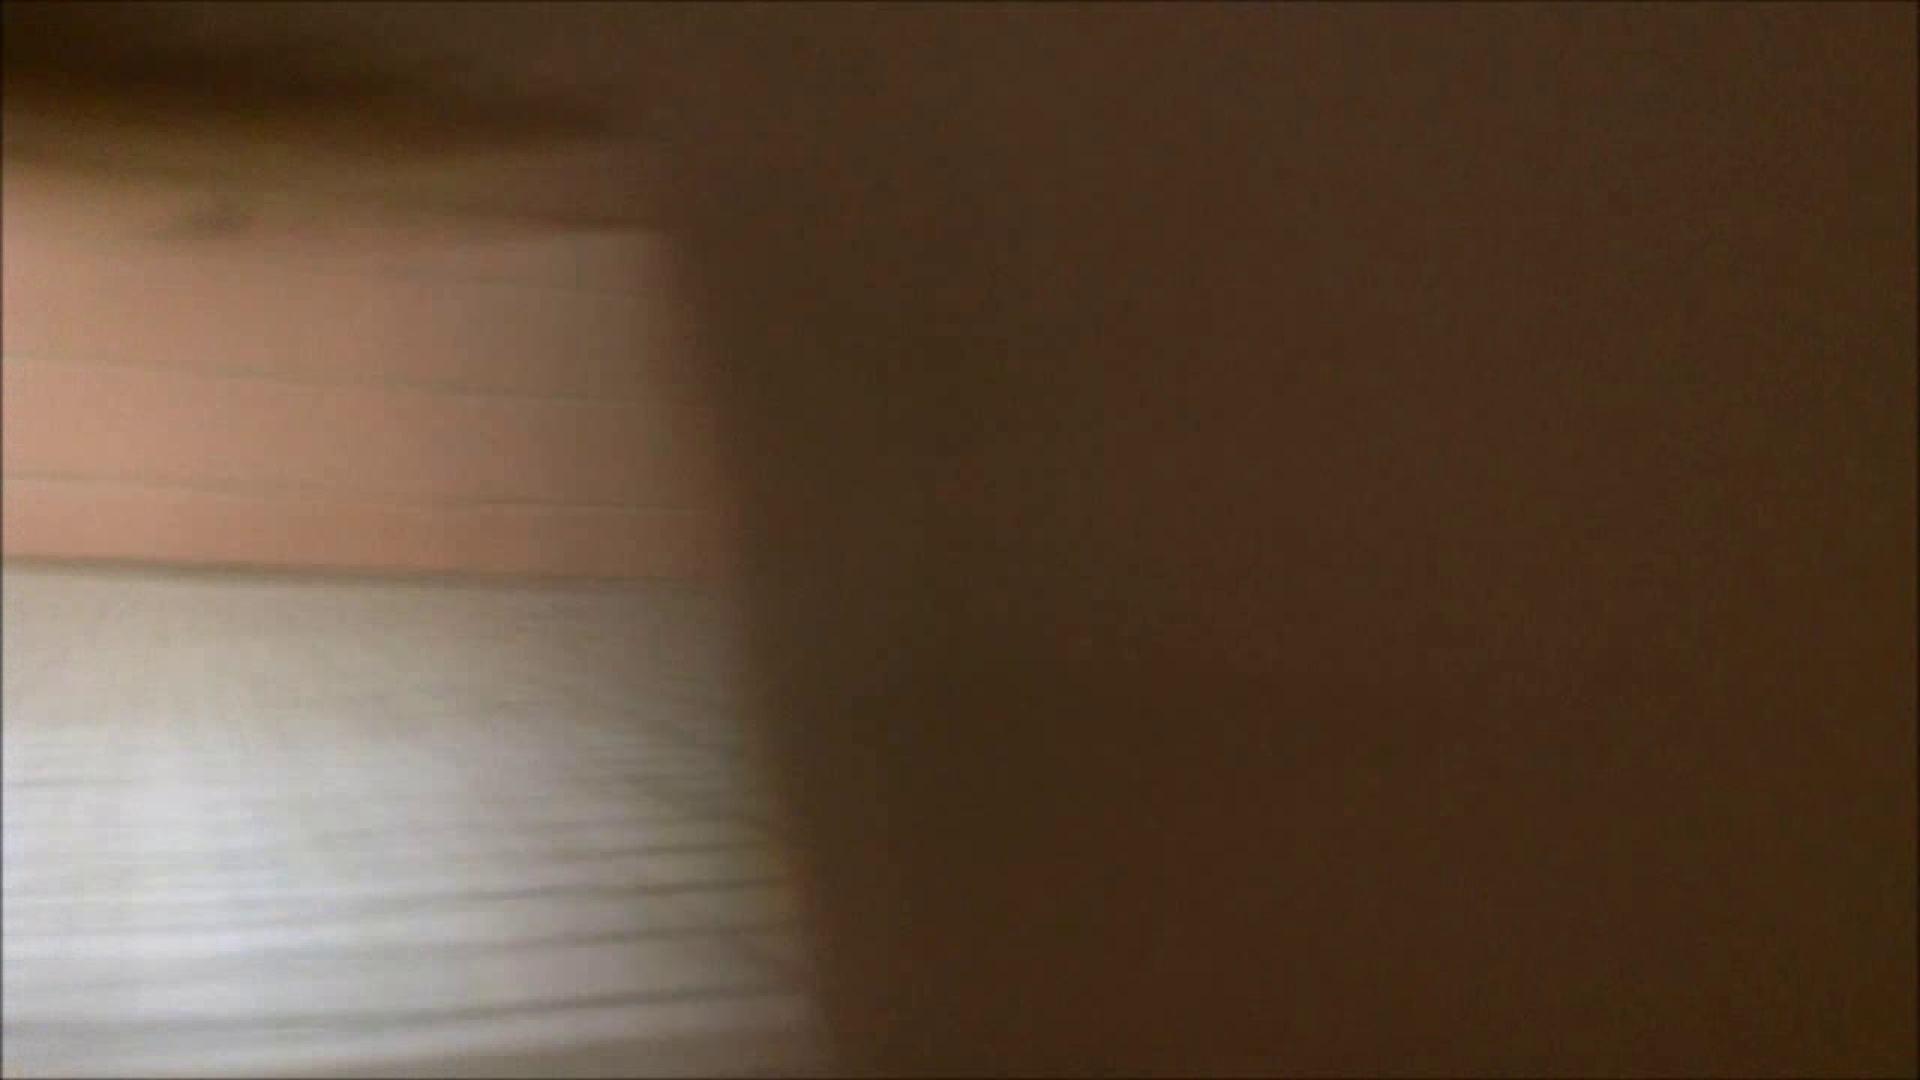 某有名大学女性洗面所 vol.12 和式 盗撮 76PIX 49